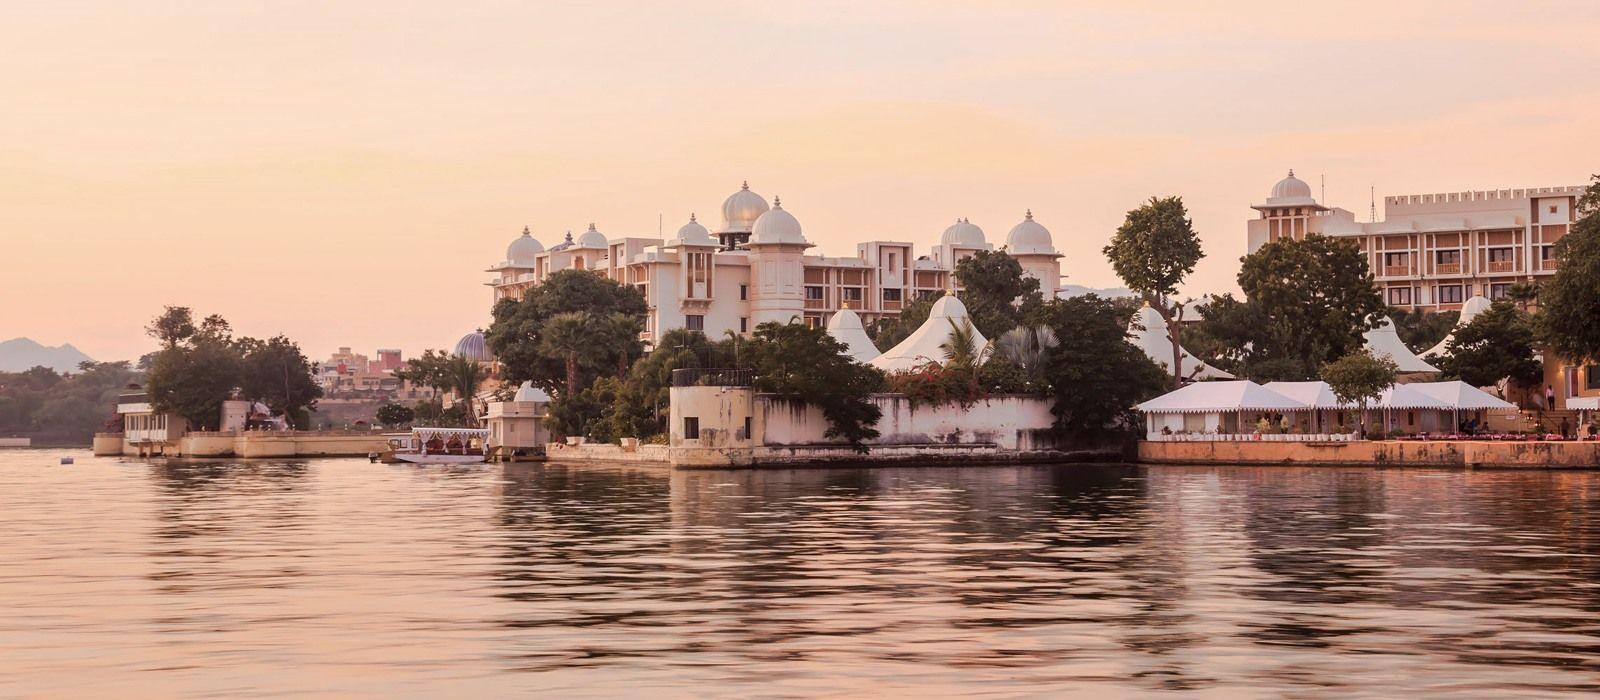 Kulturreise in Nordindien: Juwelen des Nordens Urlaub 5